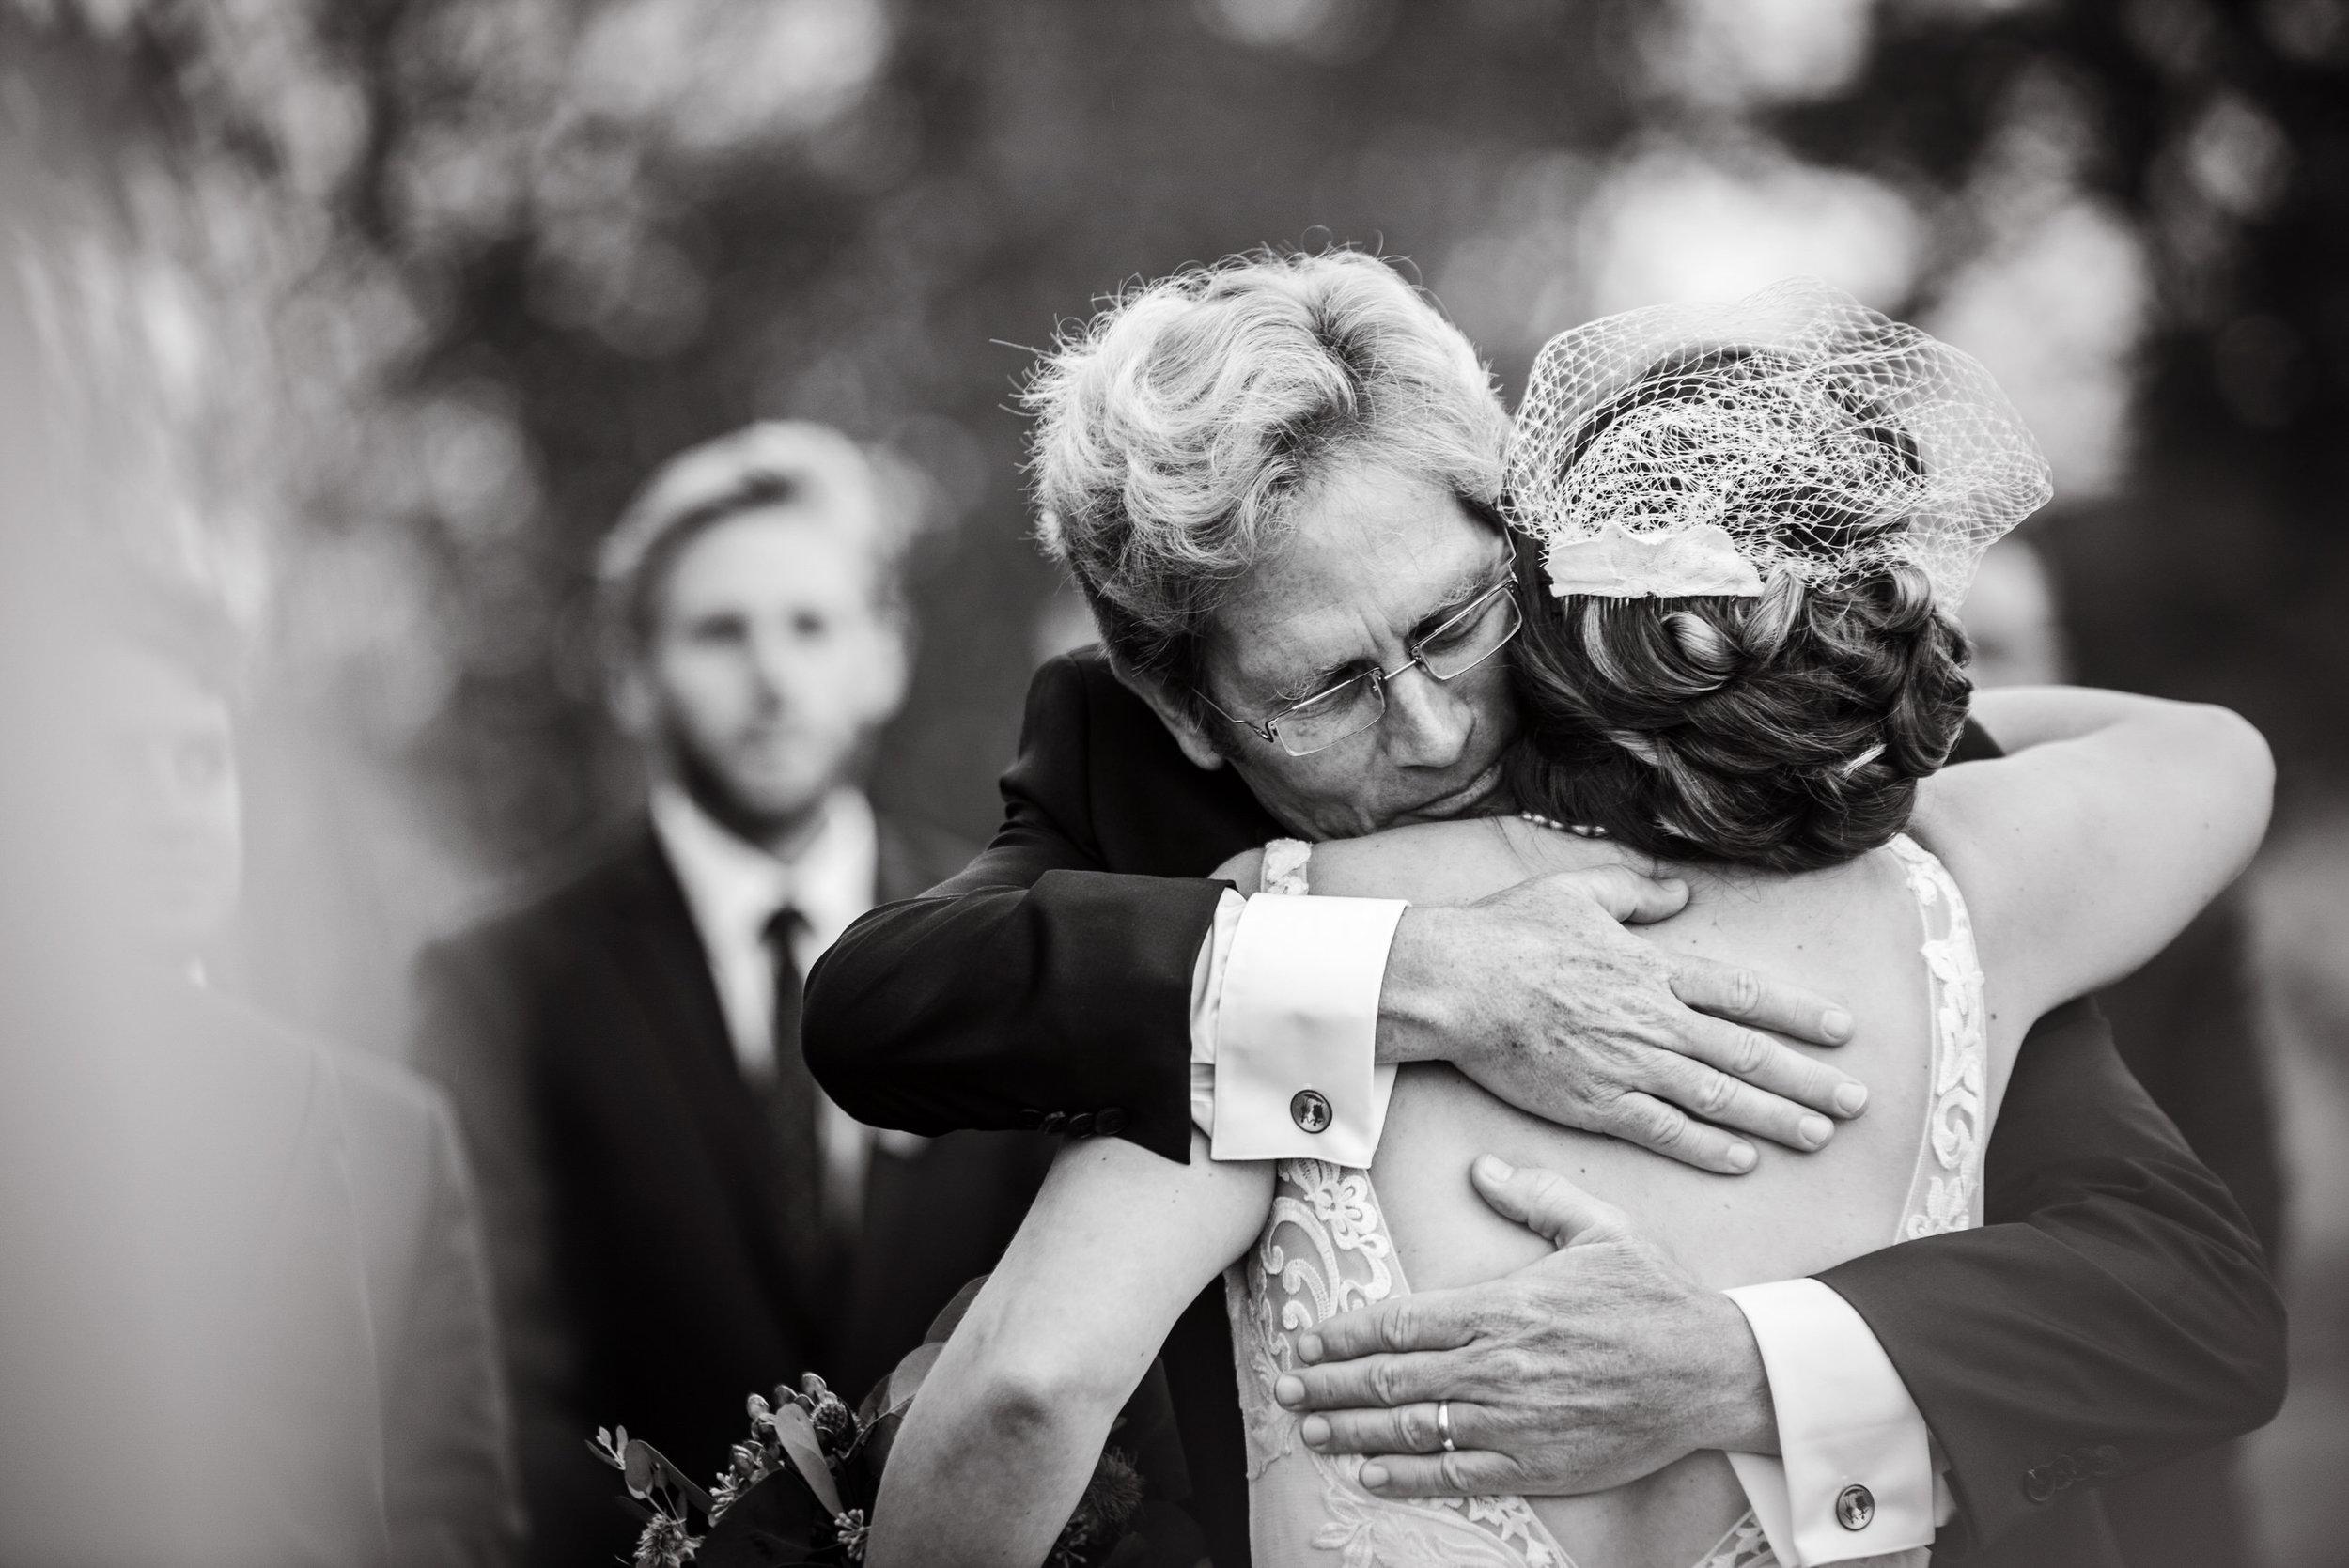 WalkersOverlookWedding-Angela&Ben-Ceremony-13.jpg